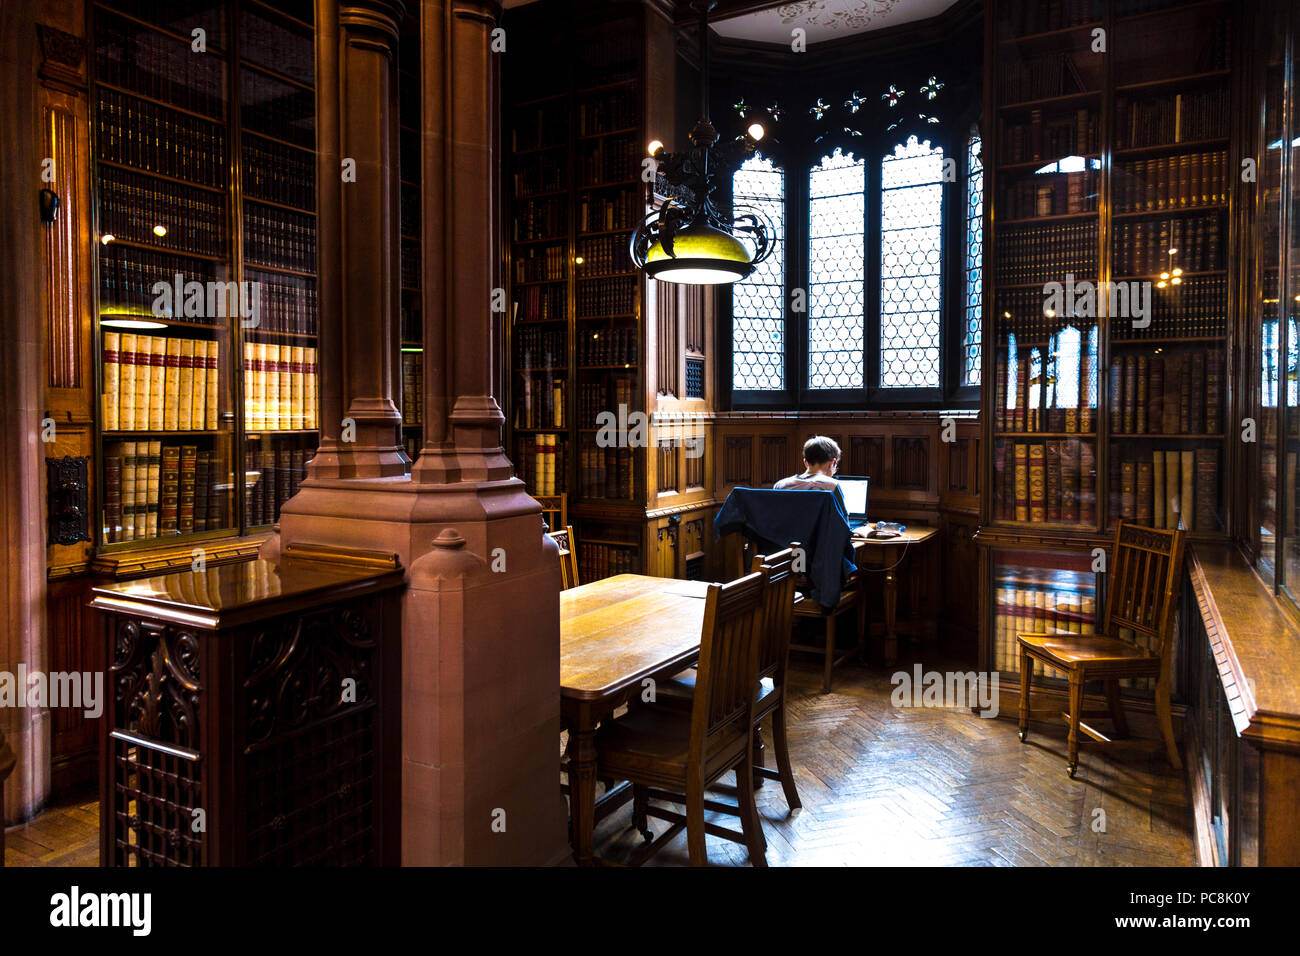 Uomo seduto con un laptop a una vecchia libreria facendo ricerca, studiare, Johny Rylands Library, Manchester, Regno Unito Immagini Stock